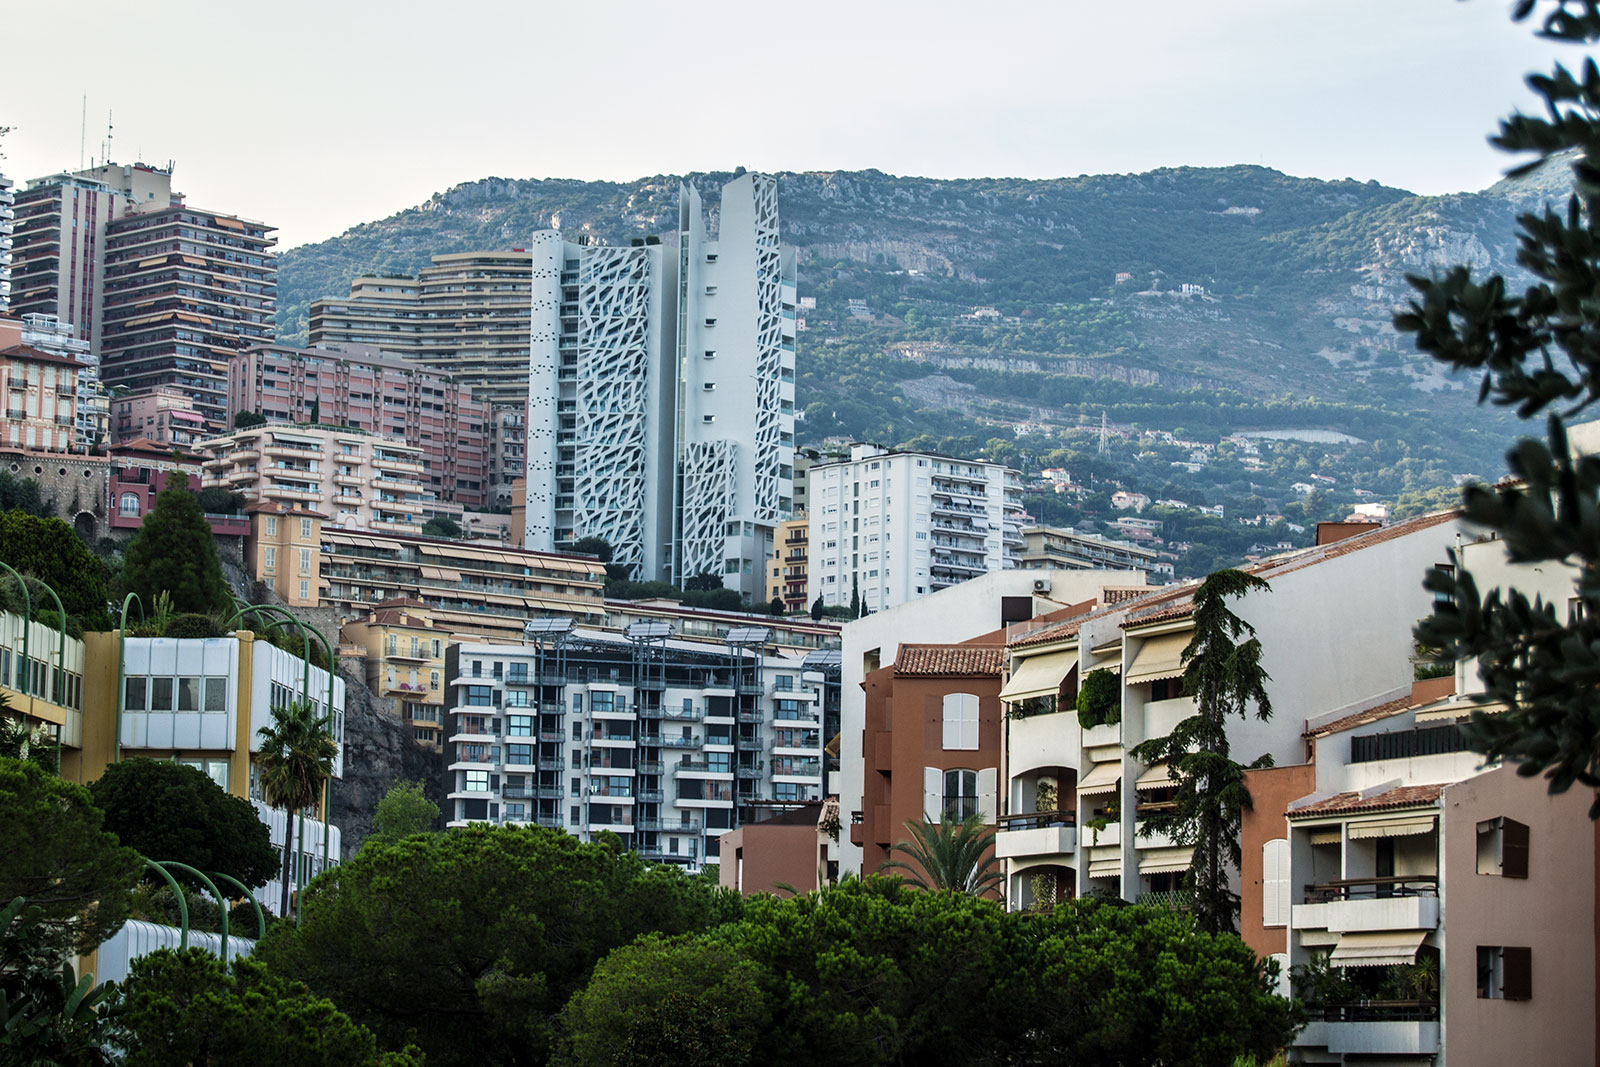 Construcciones en Montecarlo - una tarde en Montecarlo